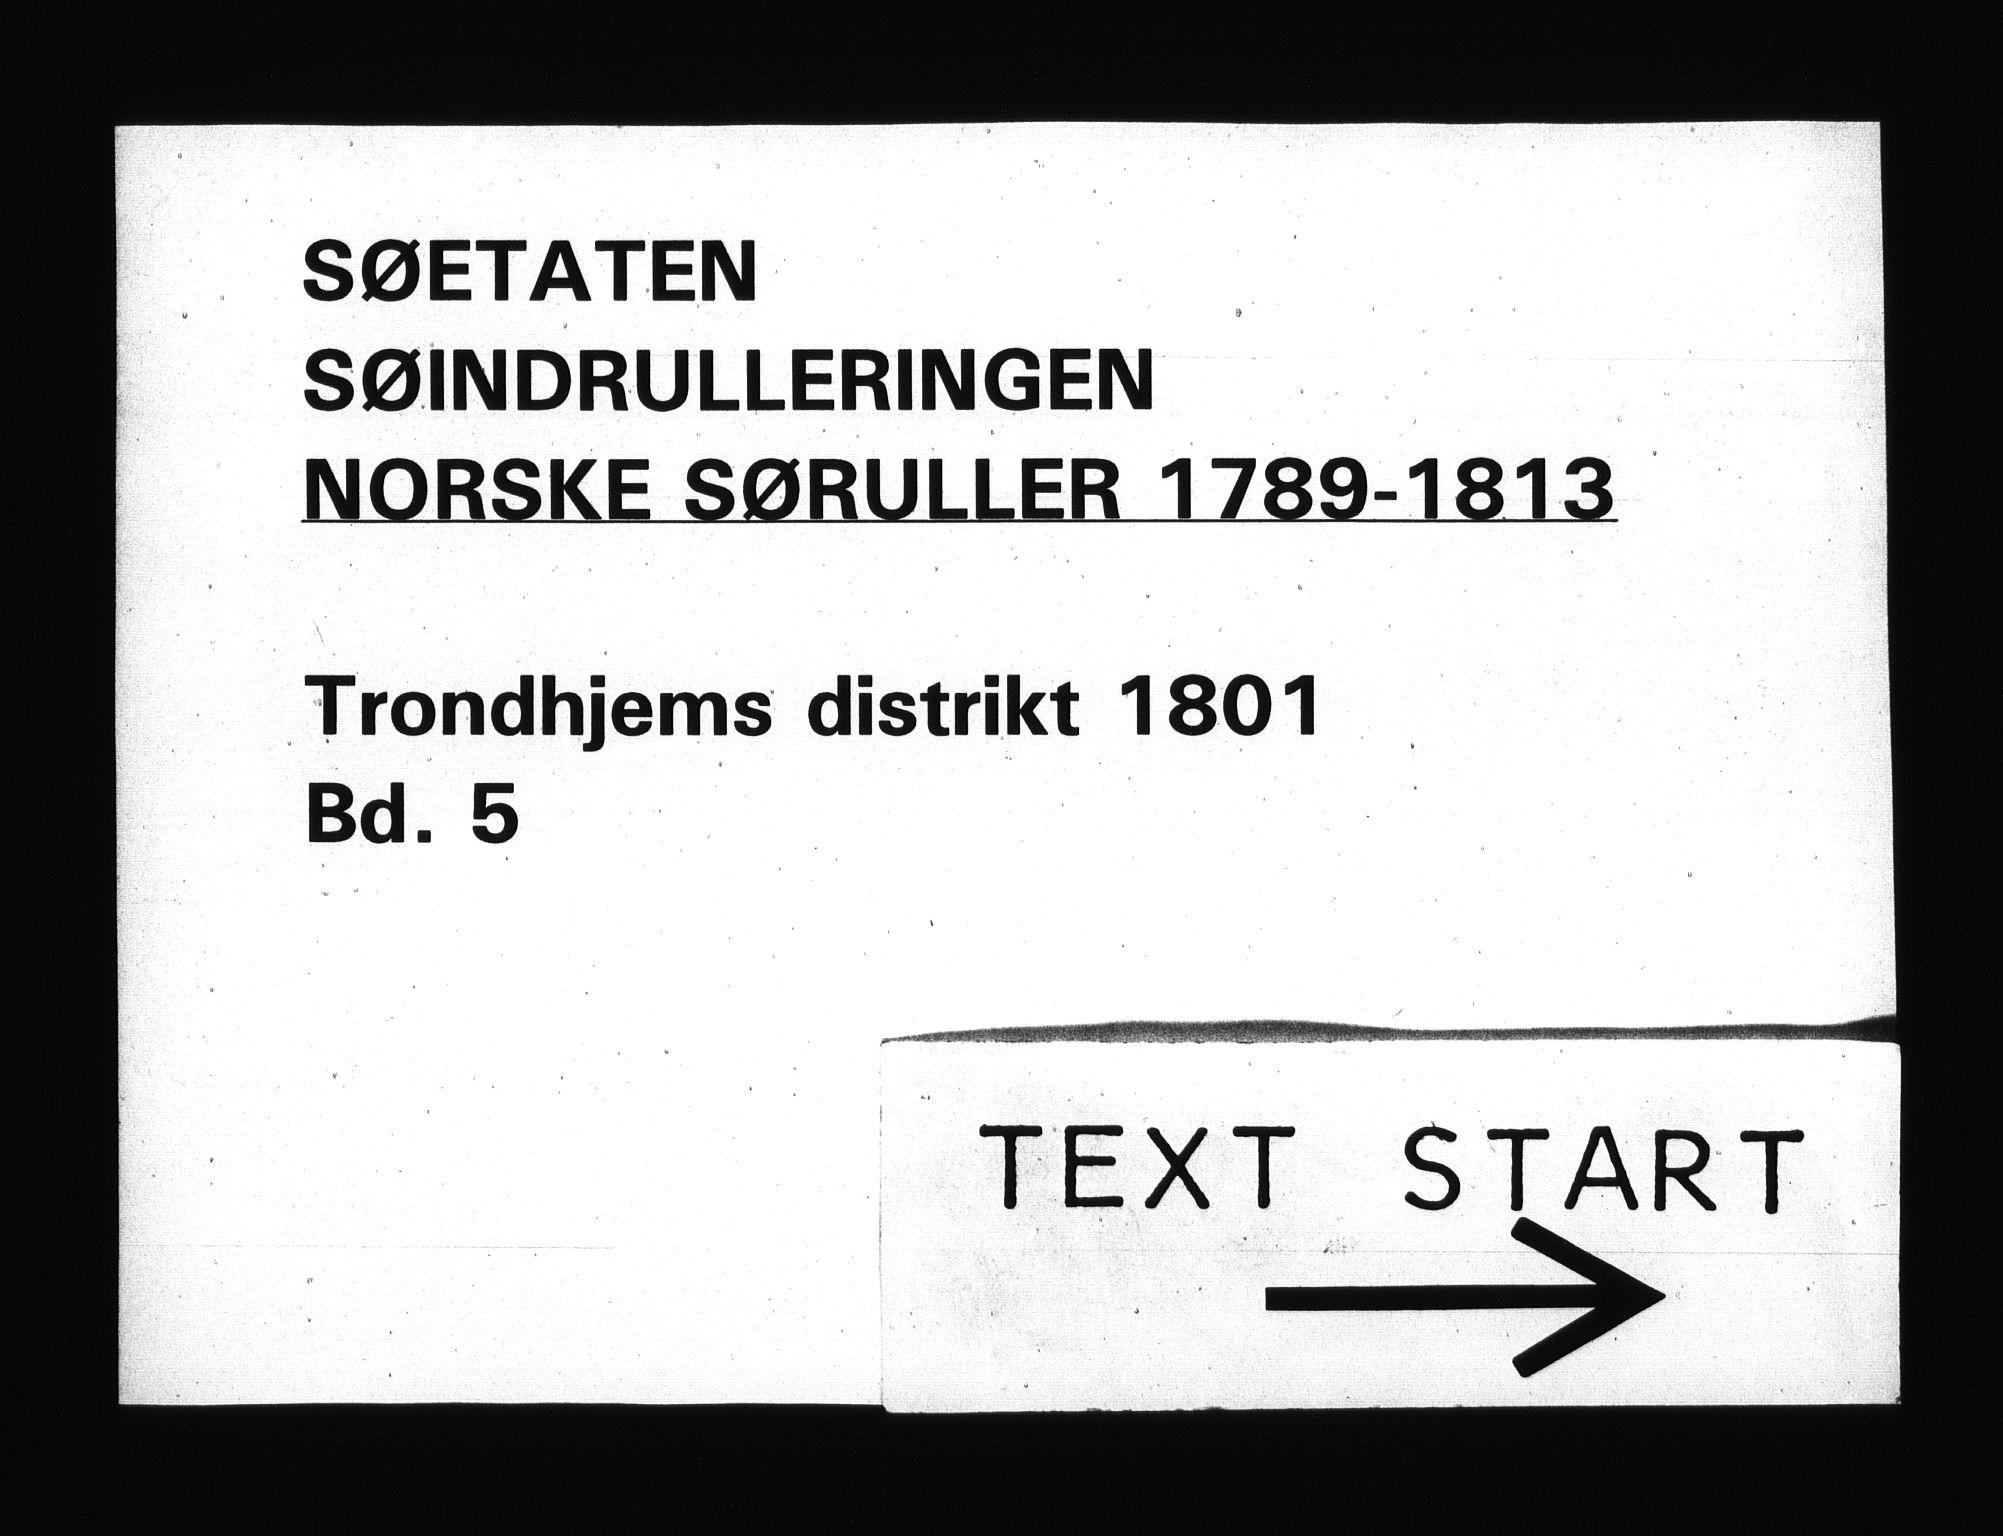 RA, Sjøetaten, F/L0328: Trondheim distrikt, bind 5, 1801